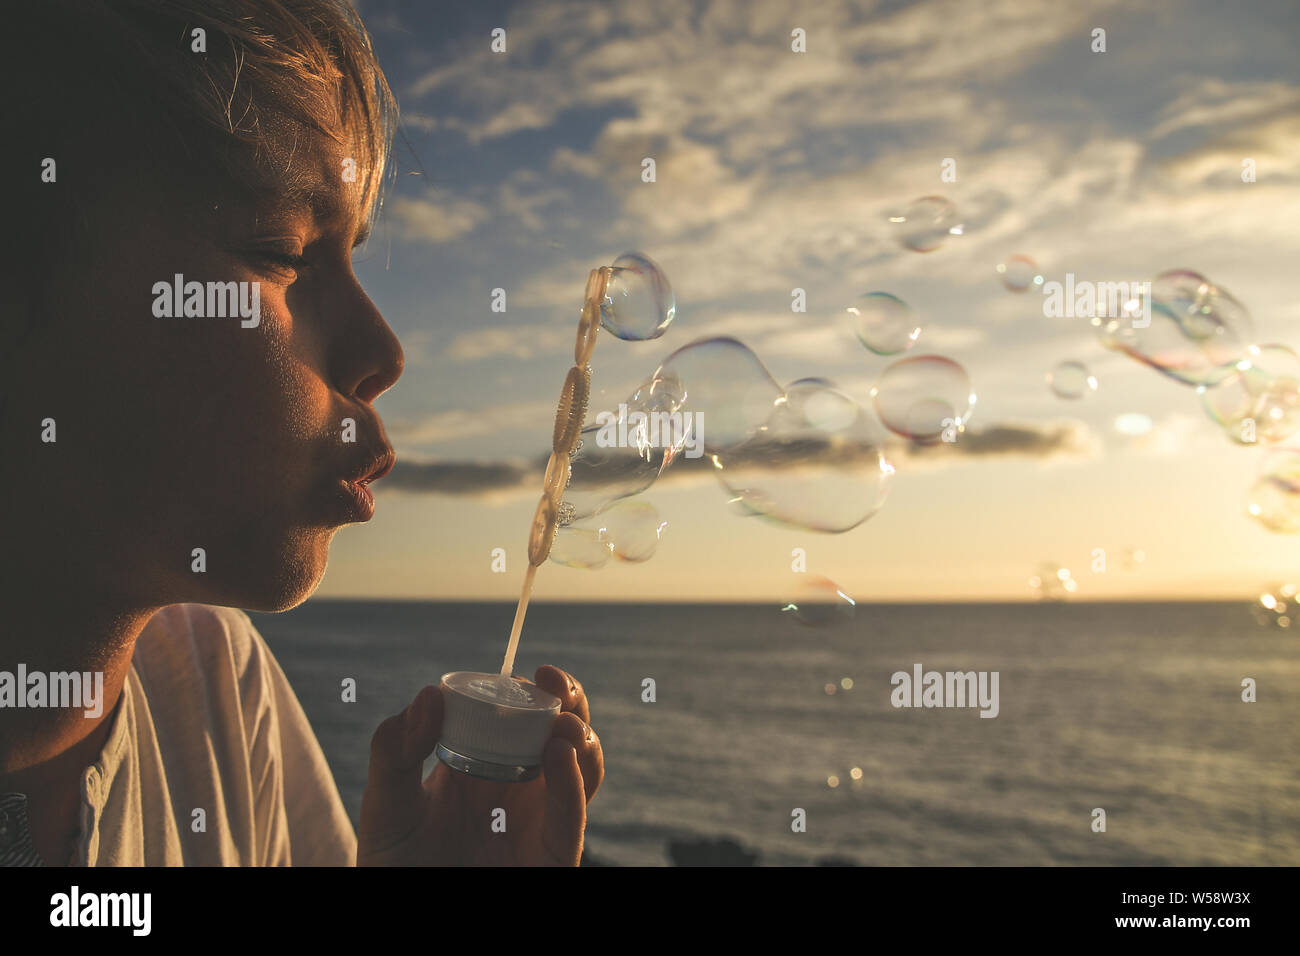 Muchacho joven rubia sopla una larga cadena de burbujas en un campo; lindo niño frente al océano persiguiendo jabón hierva, Niza kid jugar al aire libre en un hermoso Foto de stock